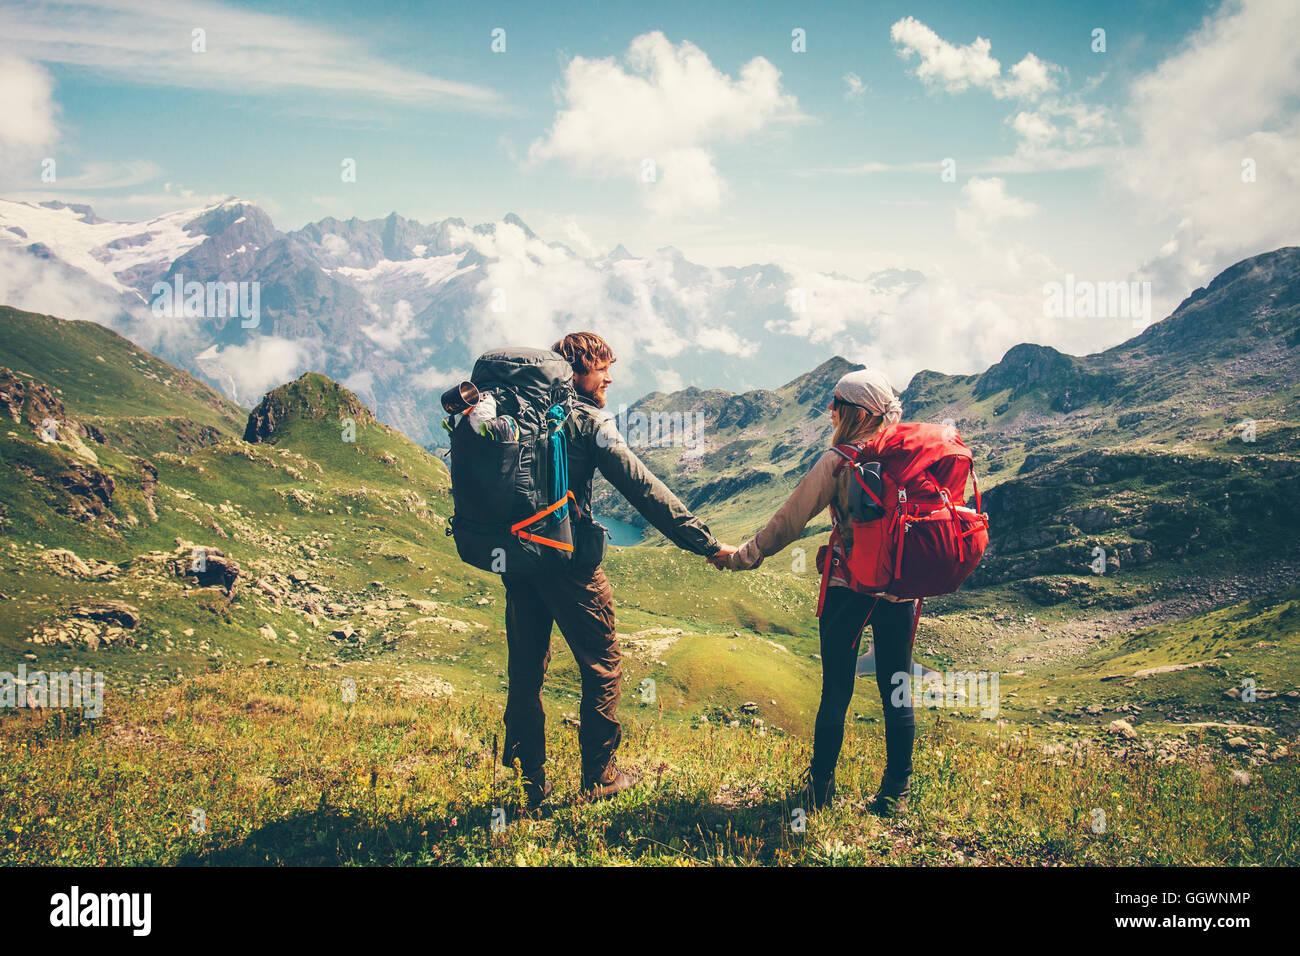 Giovane uomo e donna con zaino holding hands alpinismo Lifestyle Viaggi Vacanze estive concetto montagne e nuvole Immagini Stock